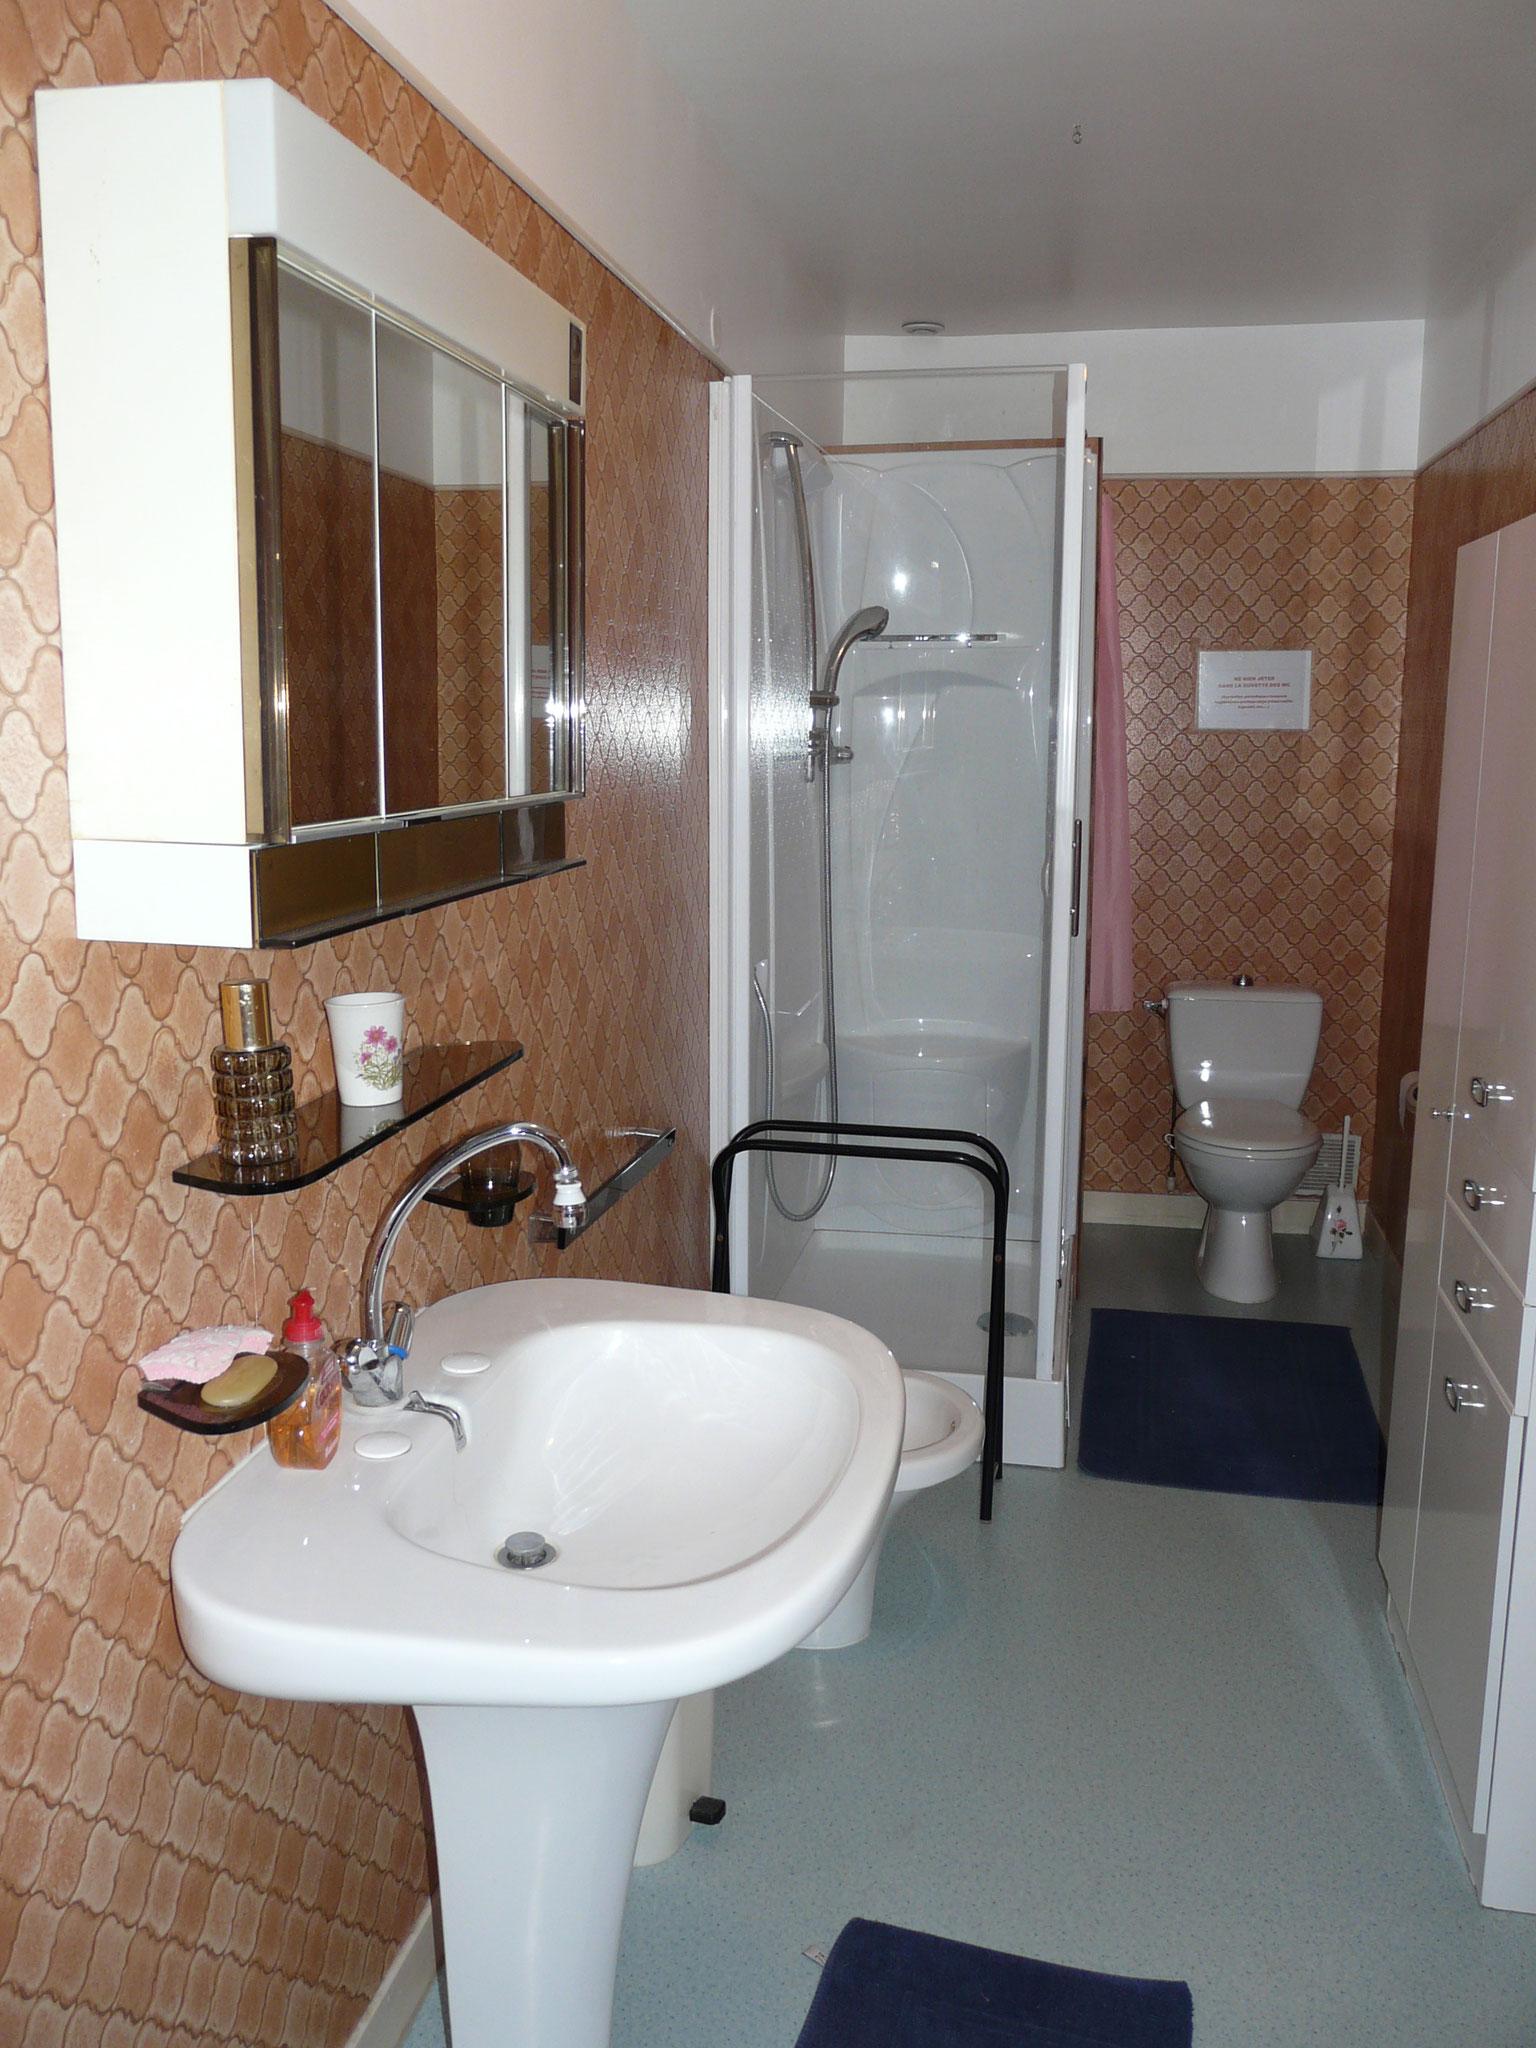 salle d'eau, avec cabine de douche et wc